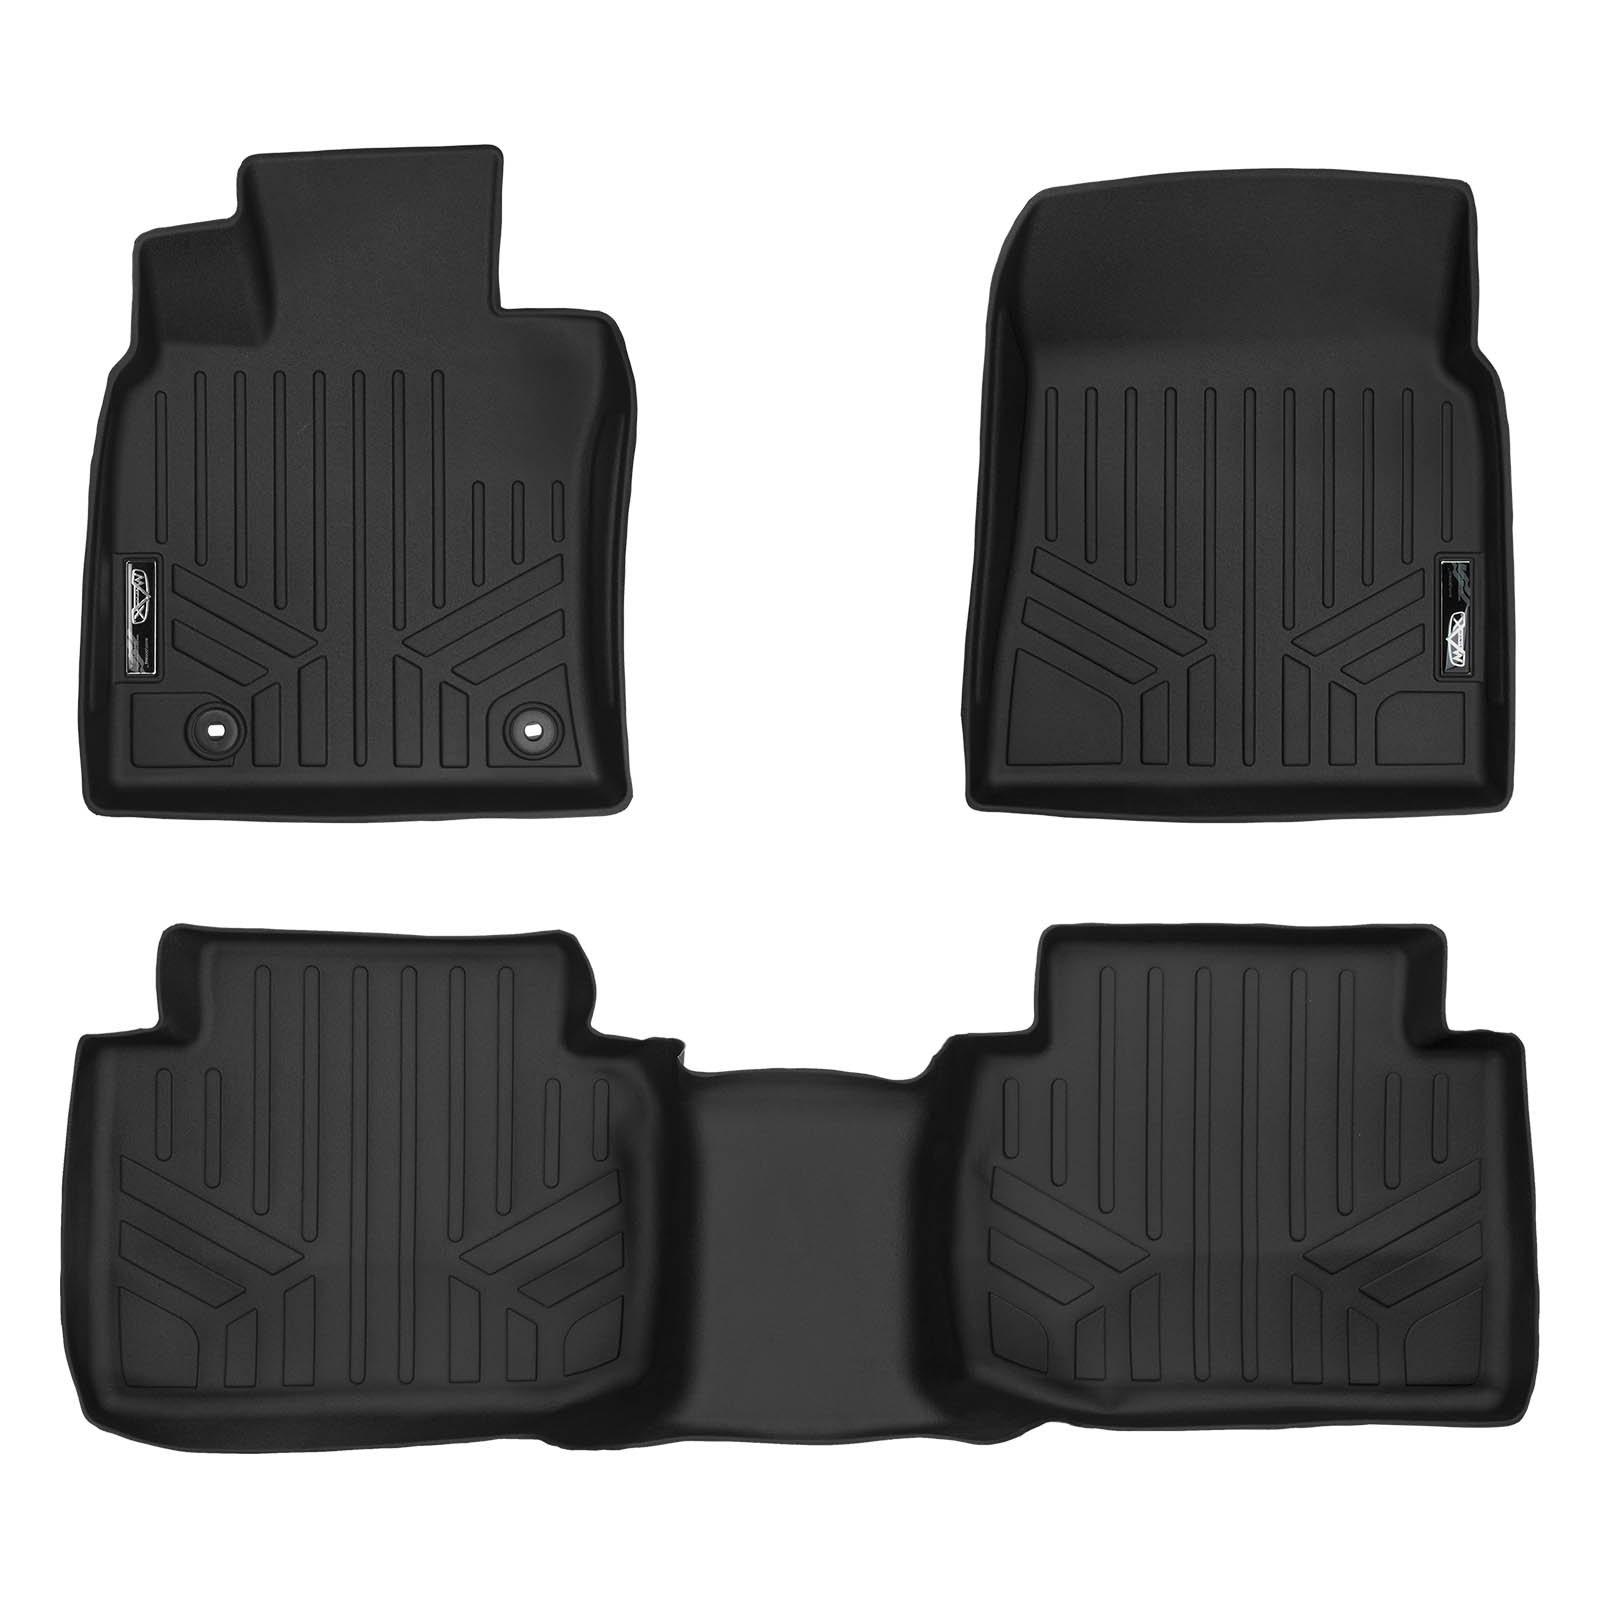 SMARTLINER Floor Mats 2 Row Liner Set Black for 2018 Toyota Camry Standard Models Only (No Hybrid)